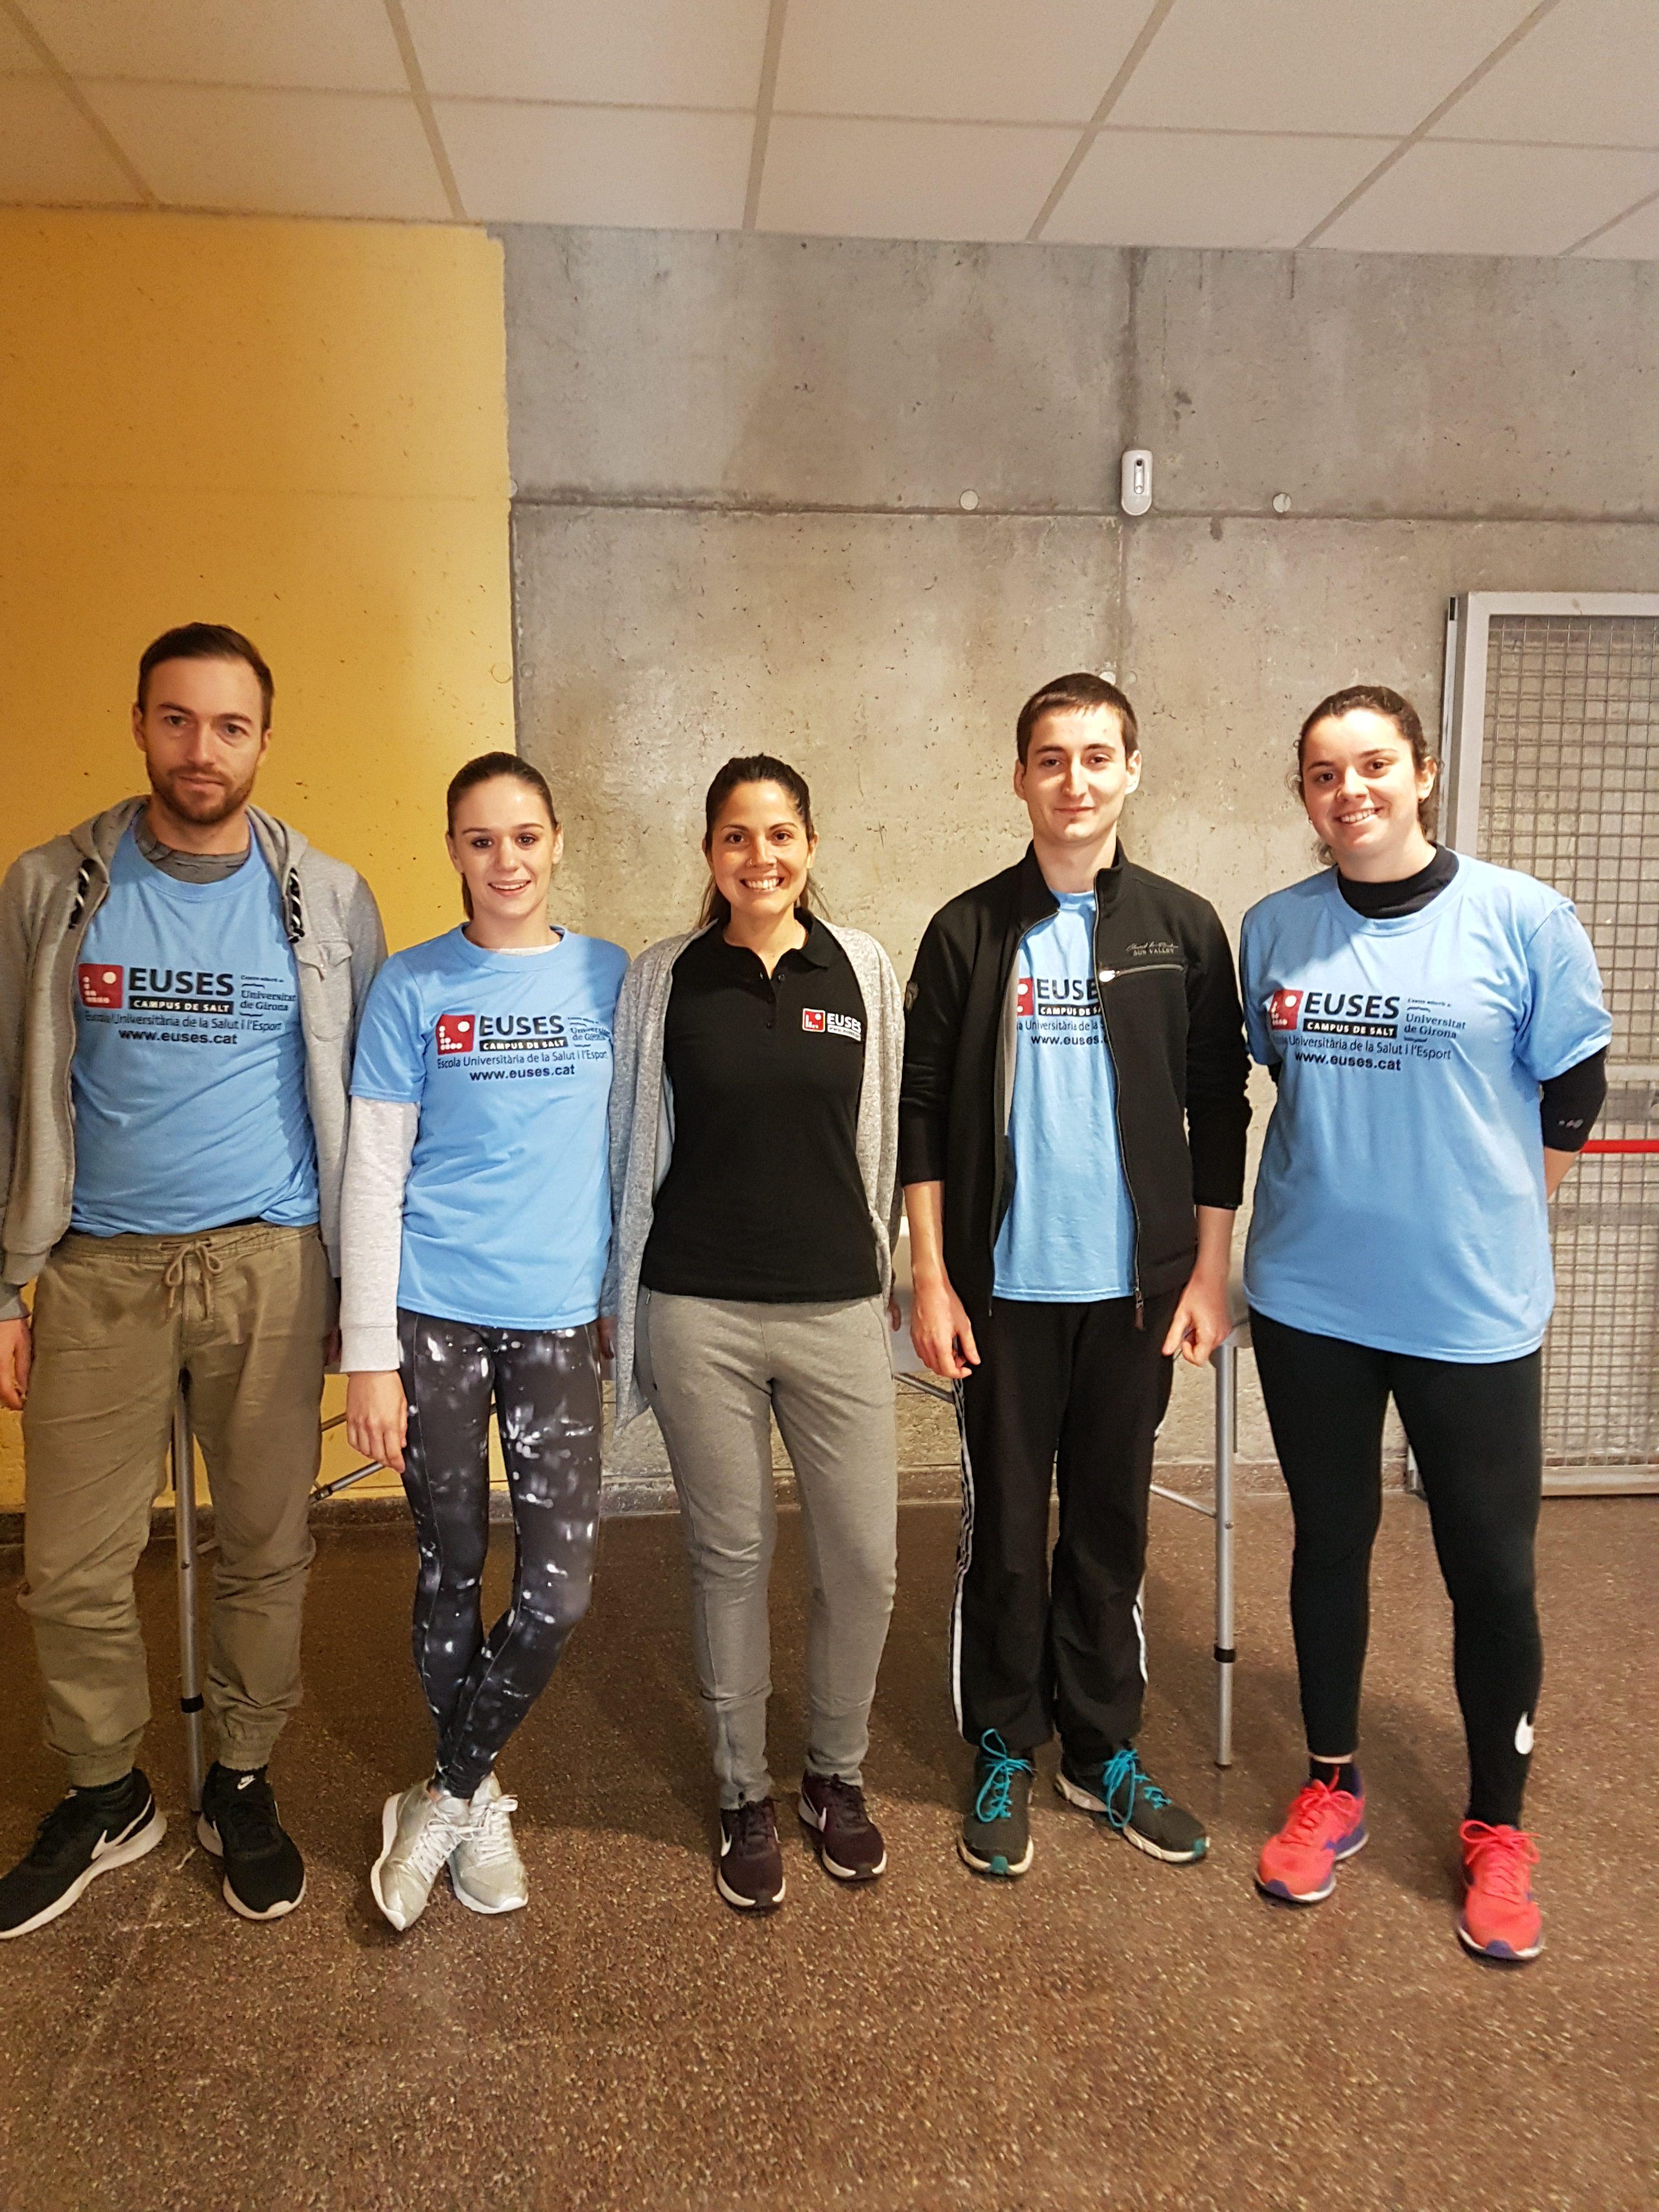 EUSES recupera els ciclistes de la 8a edició de la Marxa Cicloturista d'Amer